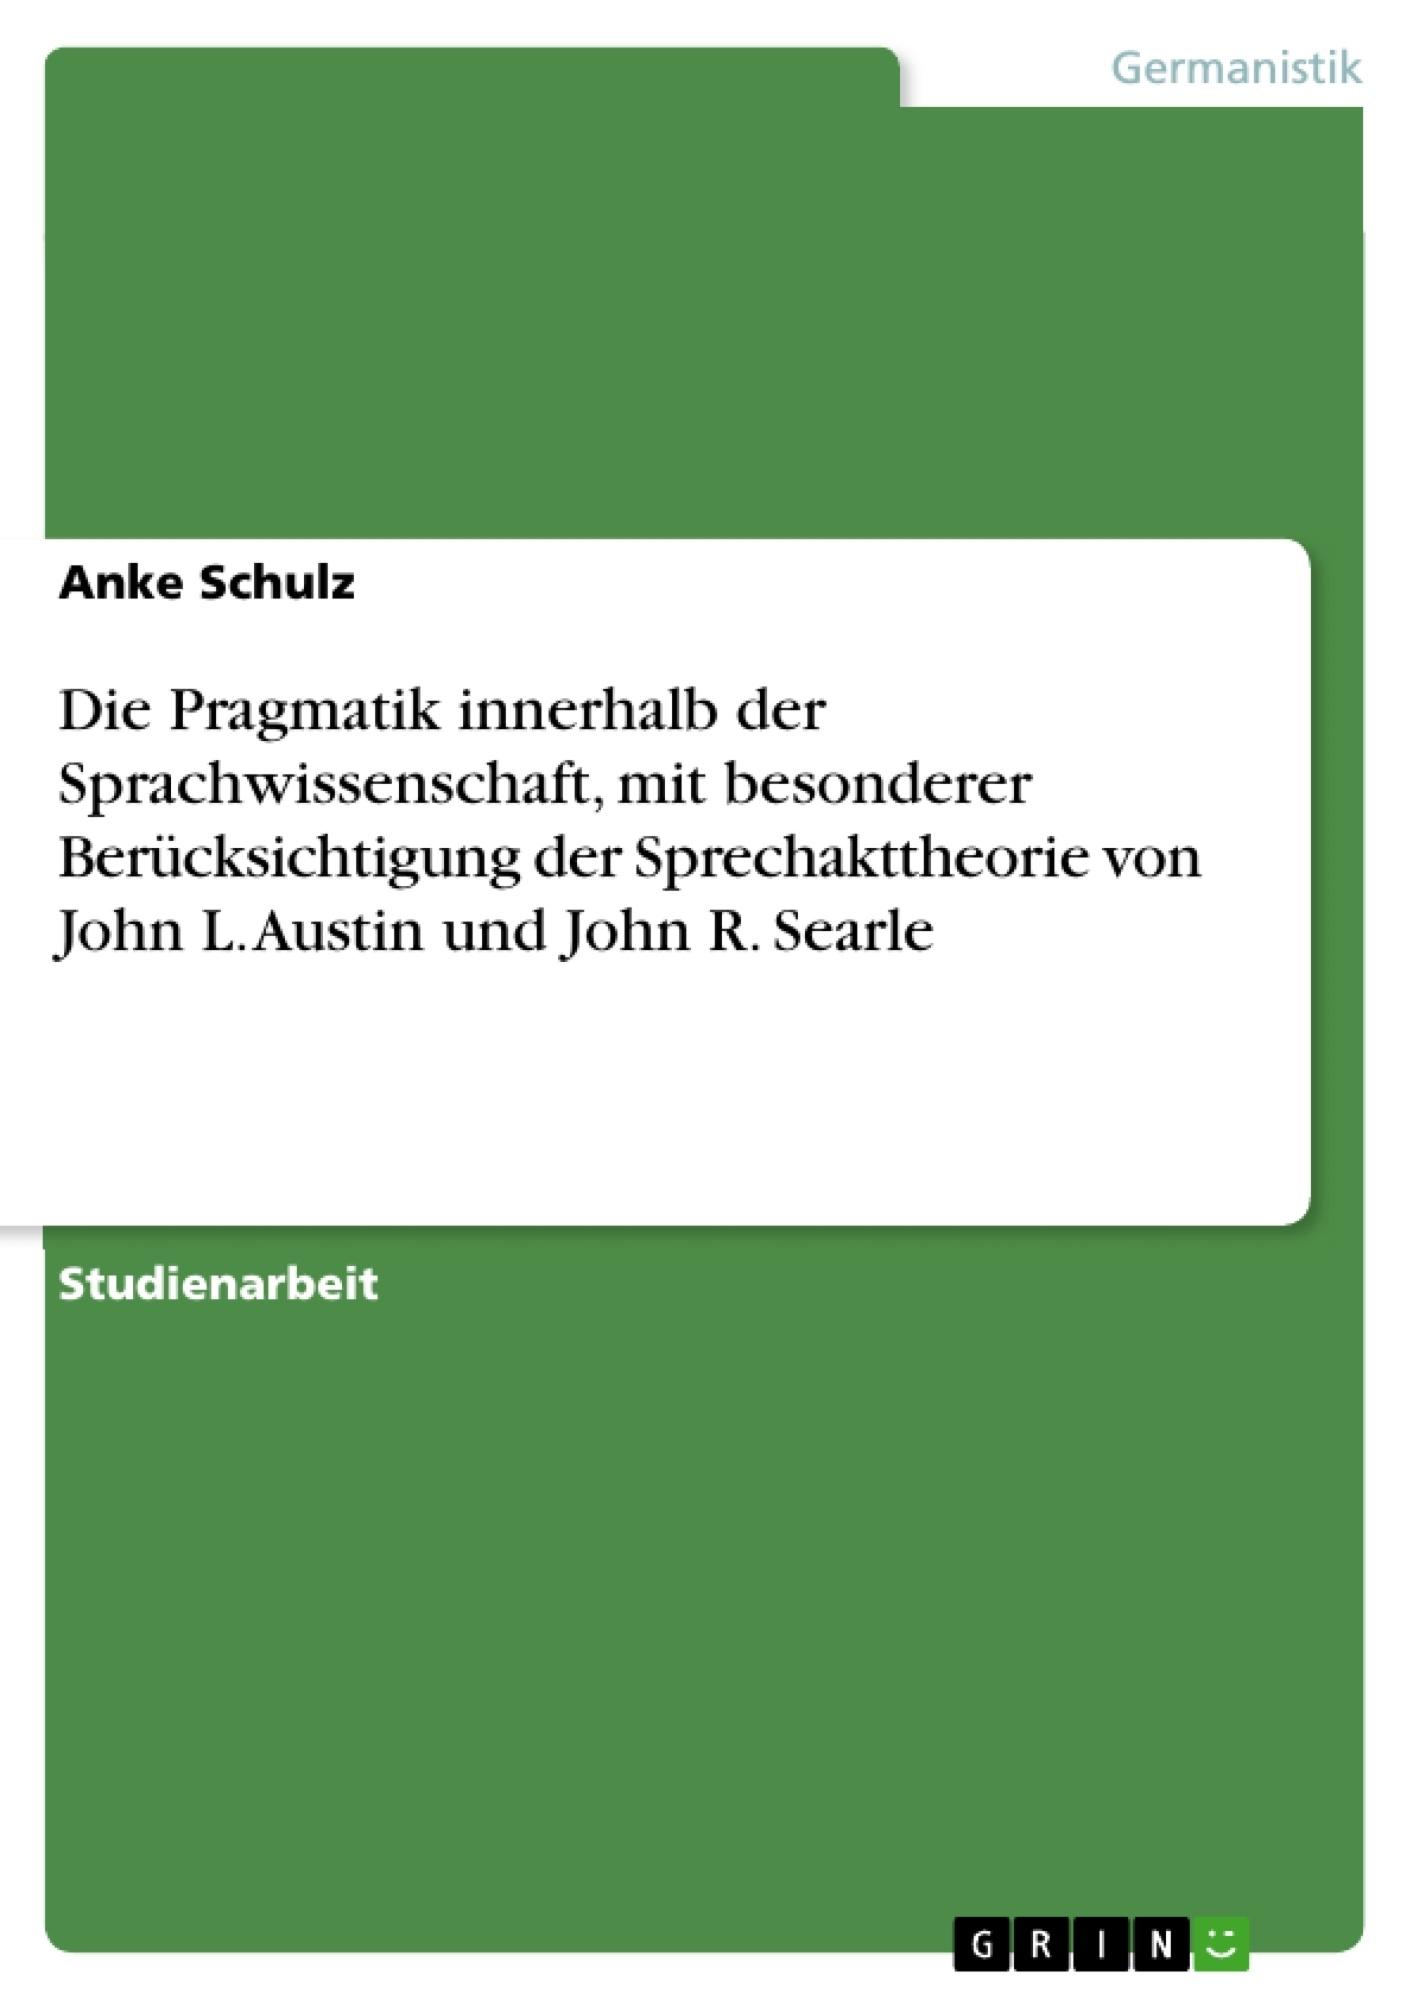 Titel: Die Pragmatik innerhalb der Sprachwissenschaft, mit besonderer Berücksichtigung der Sprechakttheorie von John L. Austin und John R. Searle